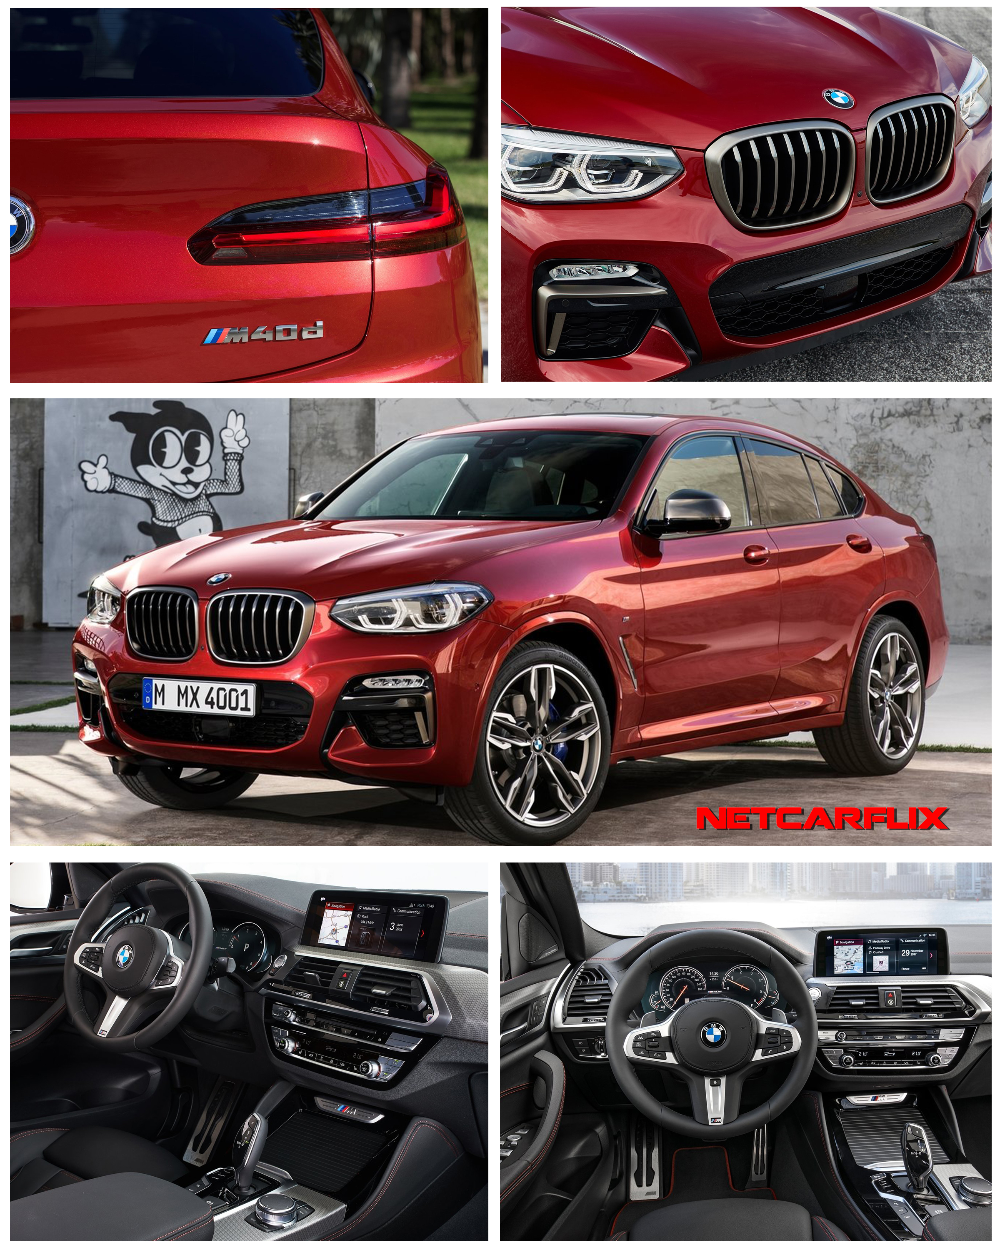 2019 BMW X4 & BMW X4 M40d